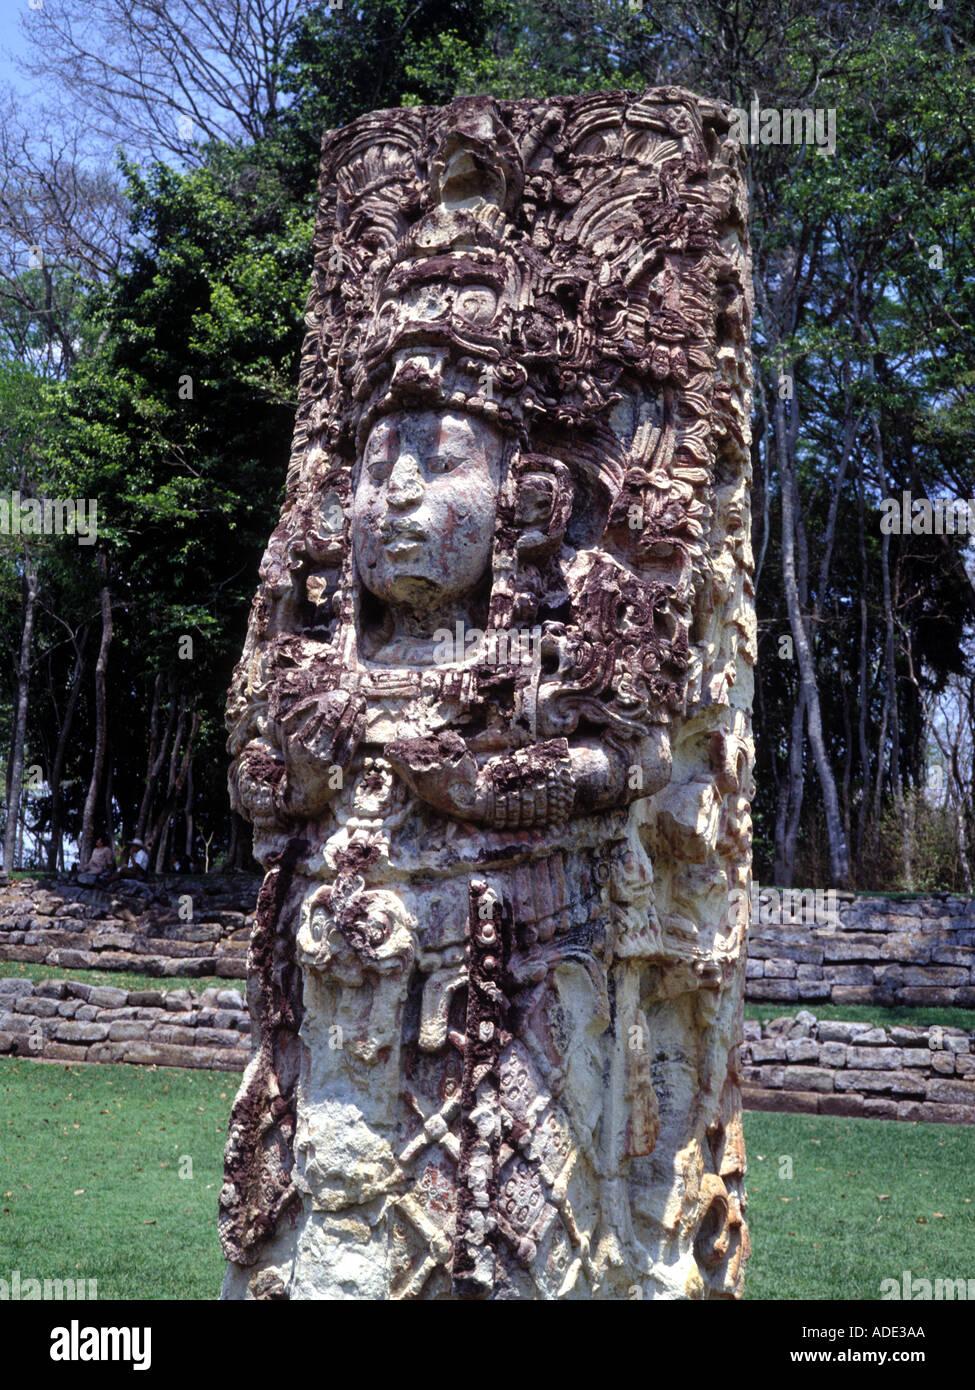 Mayan Site Copan Honduras - Stock Image